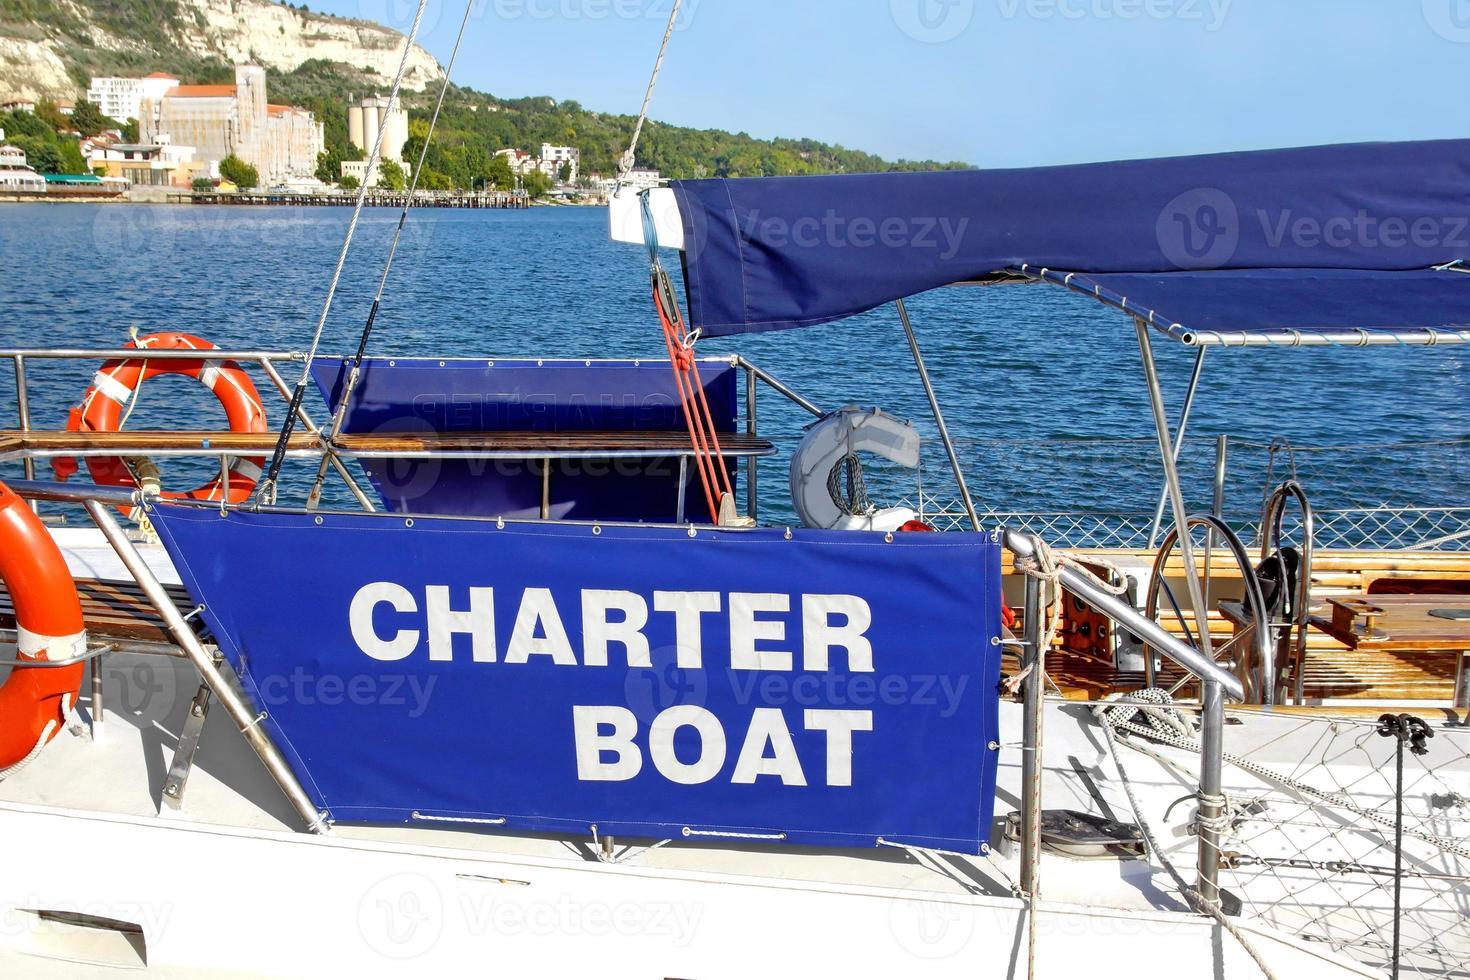 barco alugado no cais do mar foto